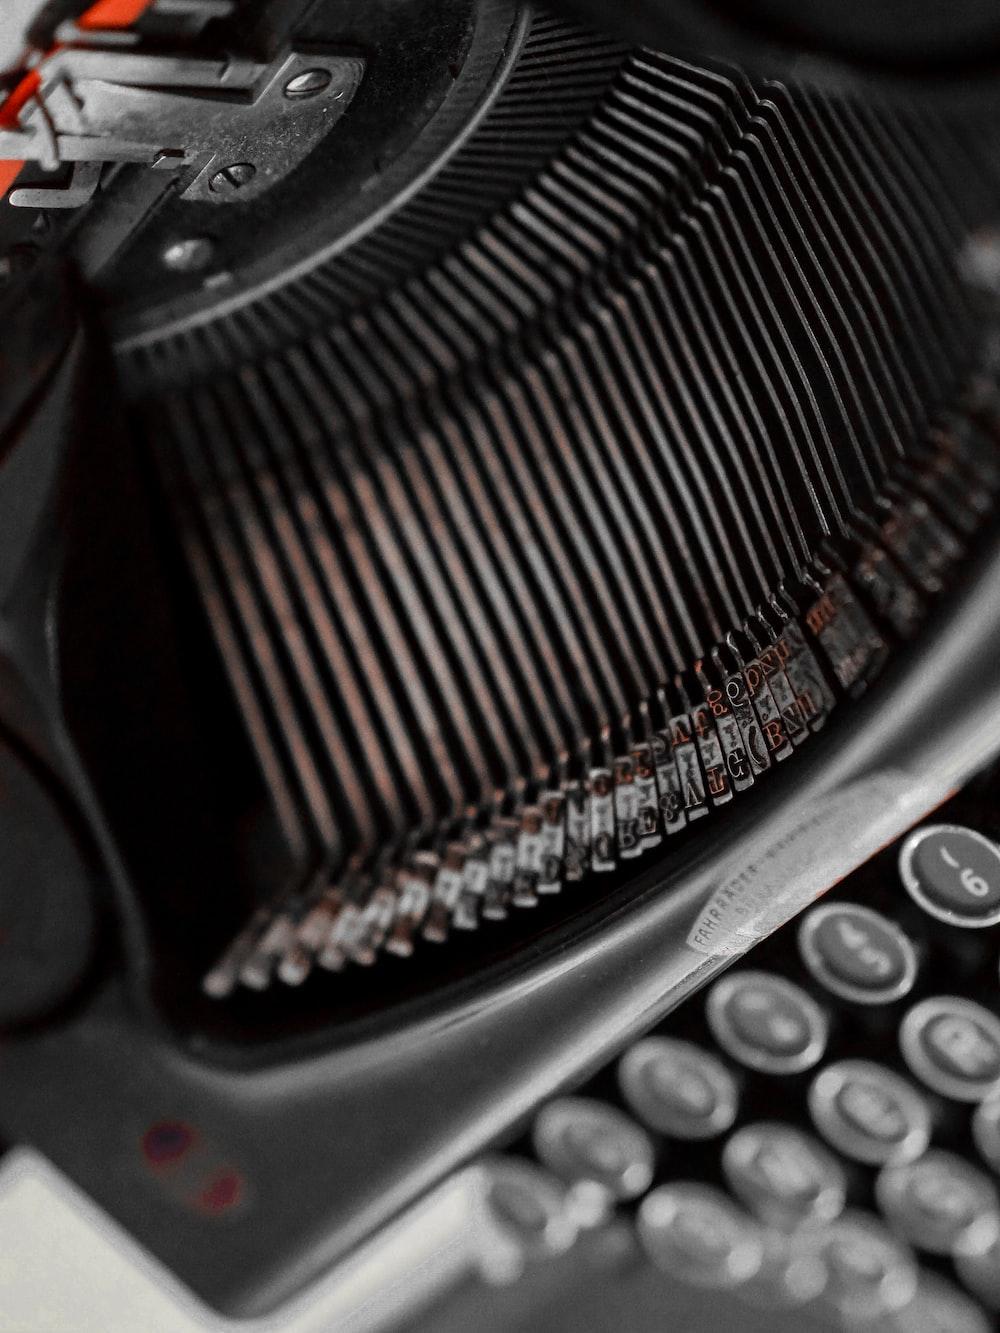 black and gray typewriter